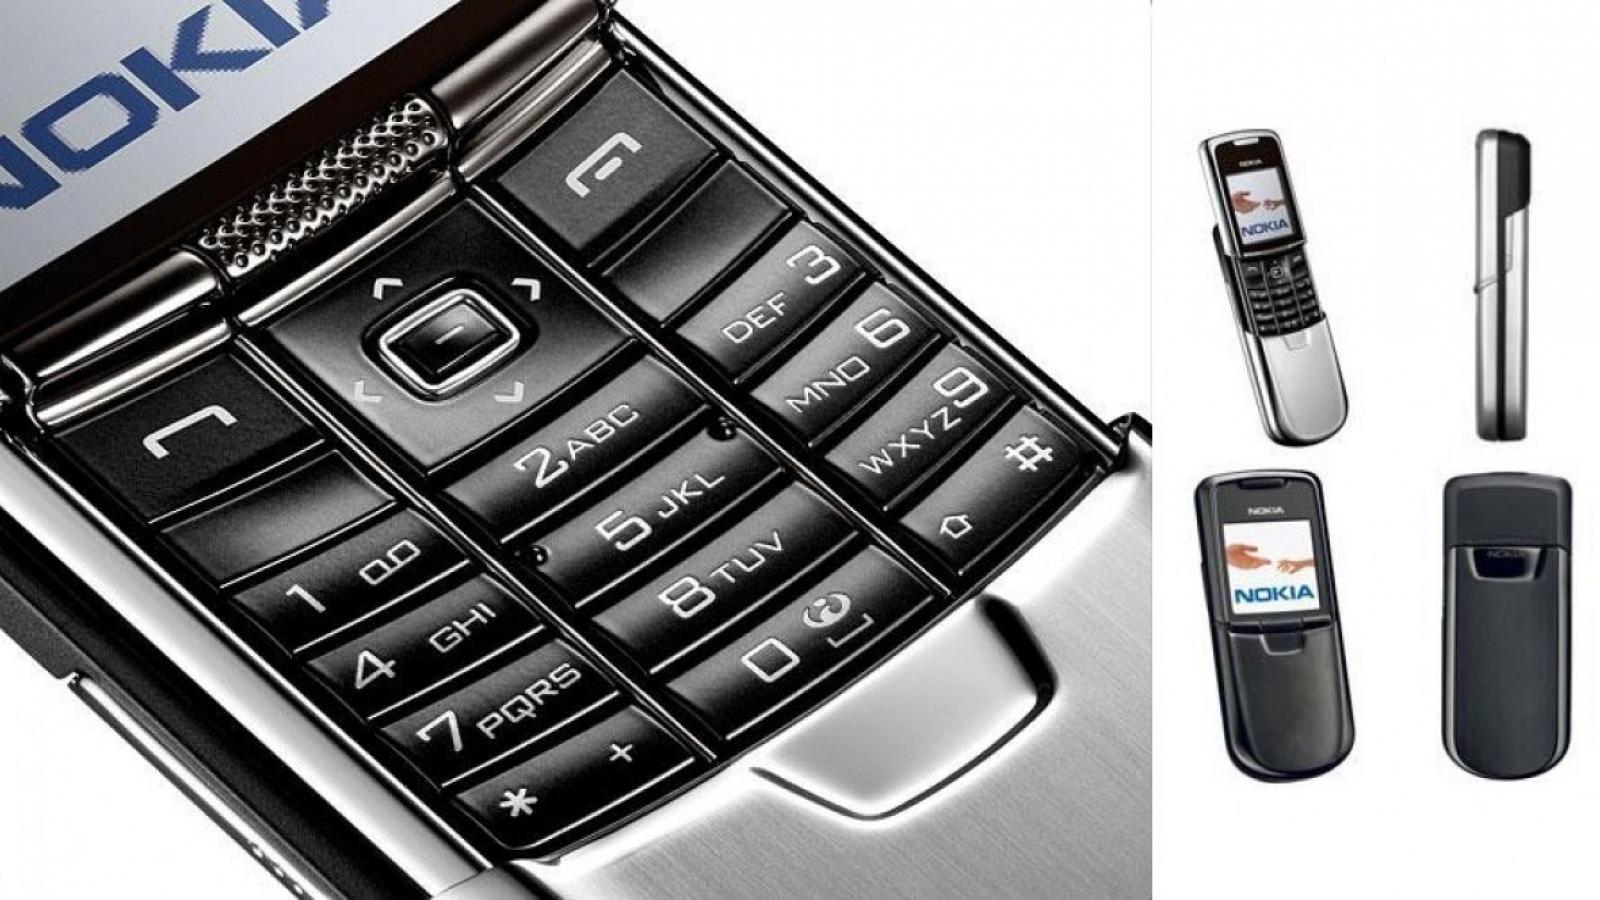 HMD Global sẵn sàng đưa Nokia 6300 và 8000 series trở lại thị trường